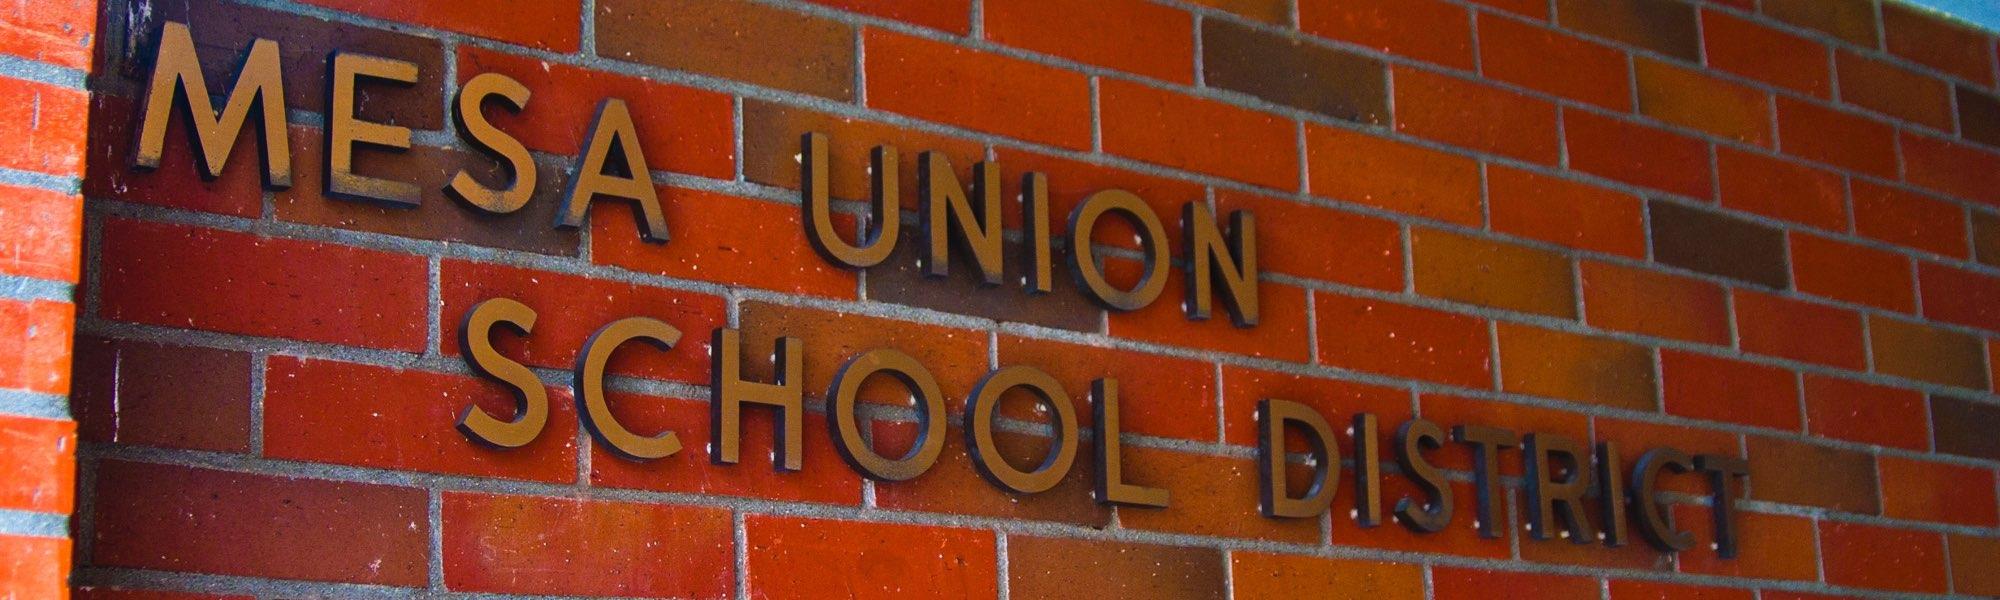 Mesa Union School